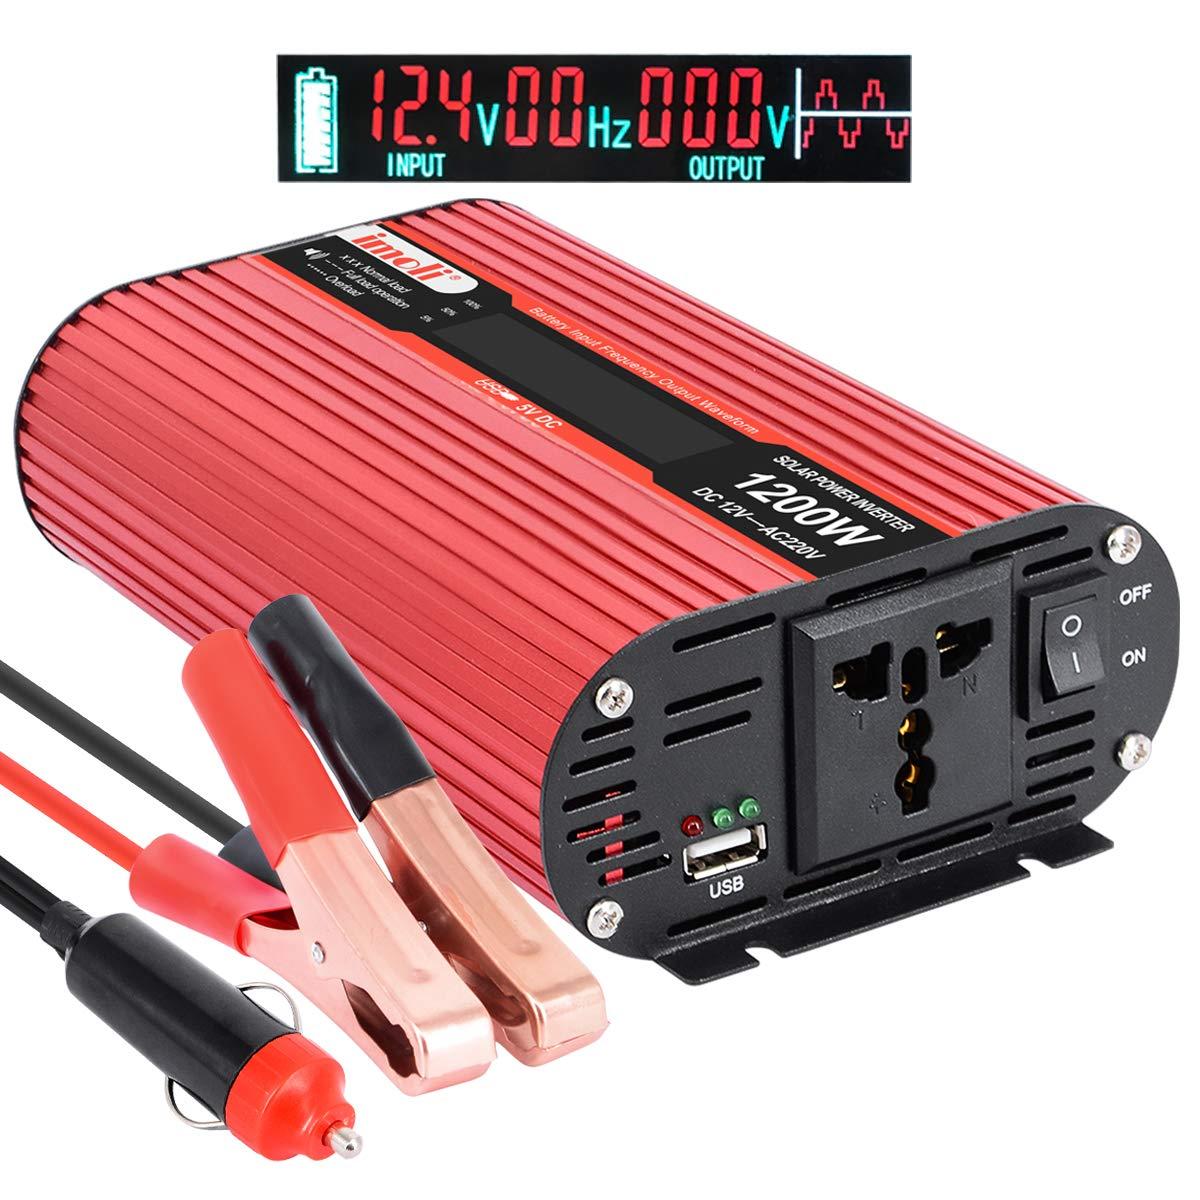 imoli 1200W/2400W Wechselrichter fü r Auto, DC 12V bis AC 220V Kfz-Konverter mit LCD-Display, 2 AC-Ausgä nge und USB-Ladeanschluss Backup-Stromversorgung Auto Ladegerä t Adapter IMO-LCD1200EU